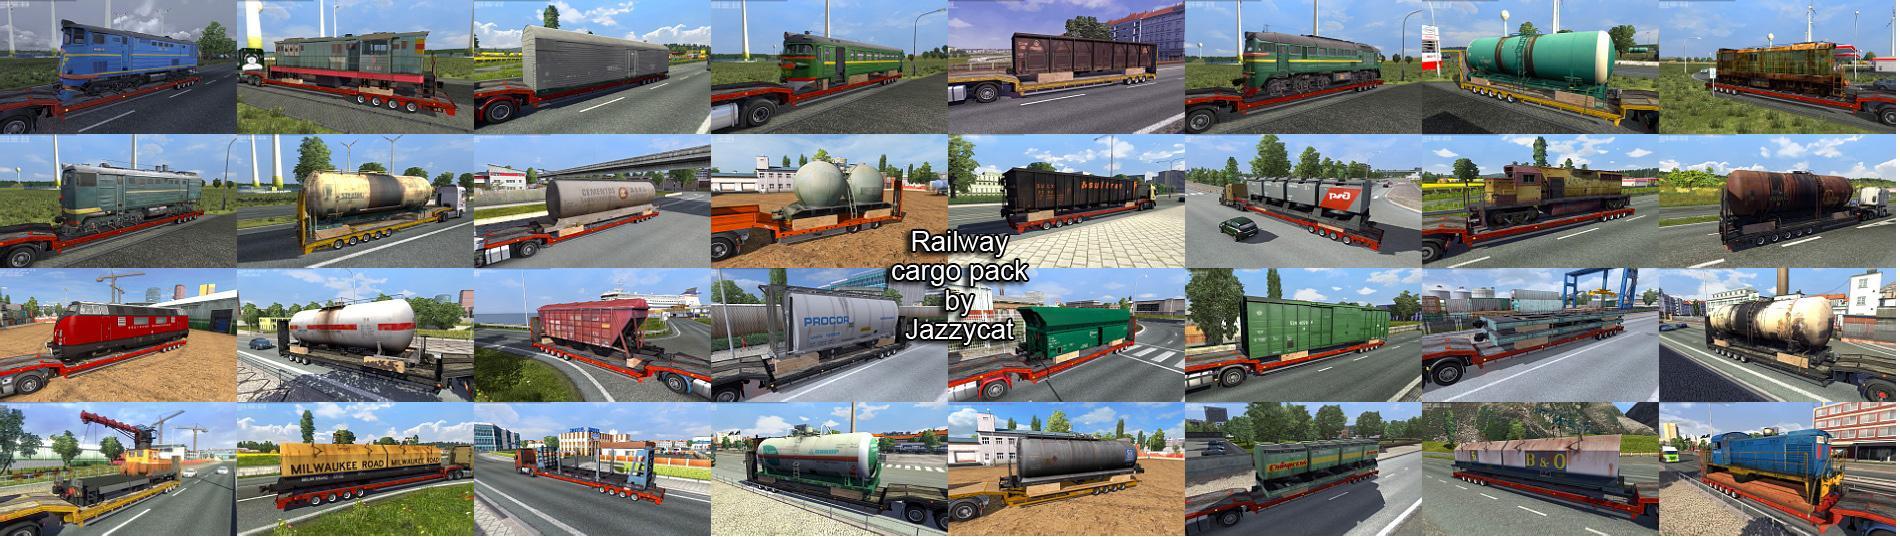 railway-cargo-pack-by-jazzycat-v1-7_1